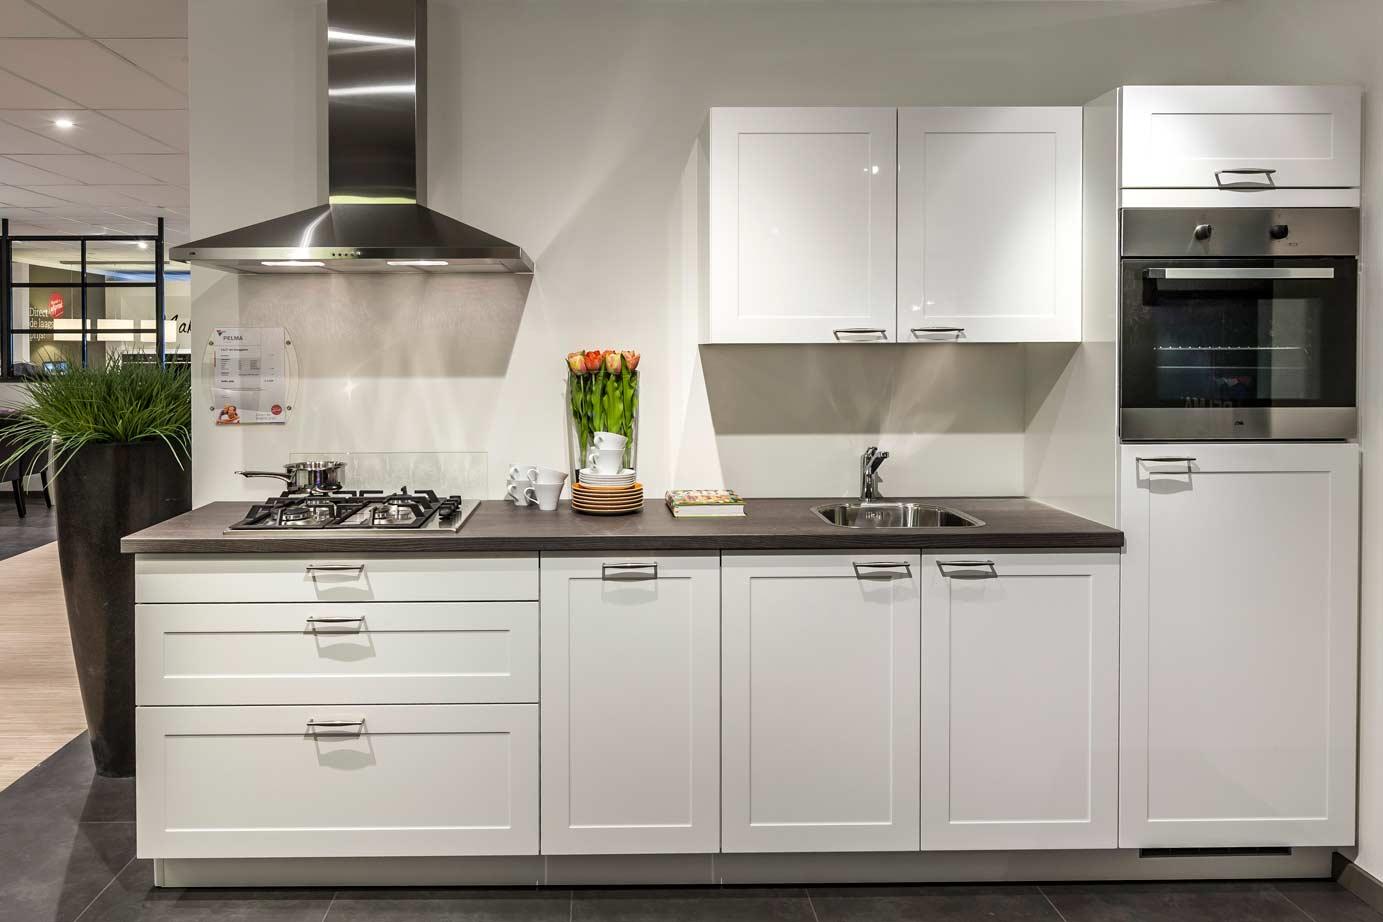 Hoek Keuken Modellen : Keukenstijlen vind hier de meeste keukenstijlen avanti